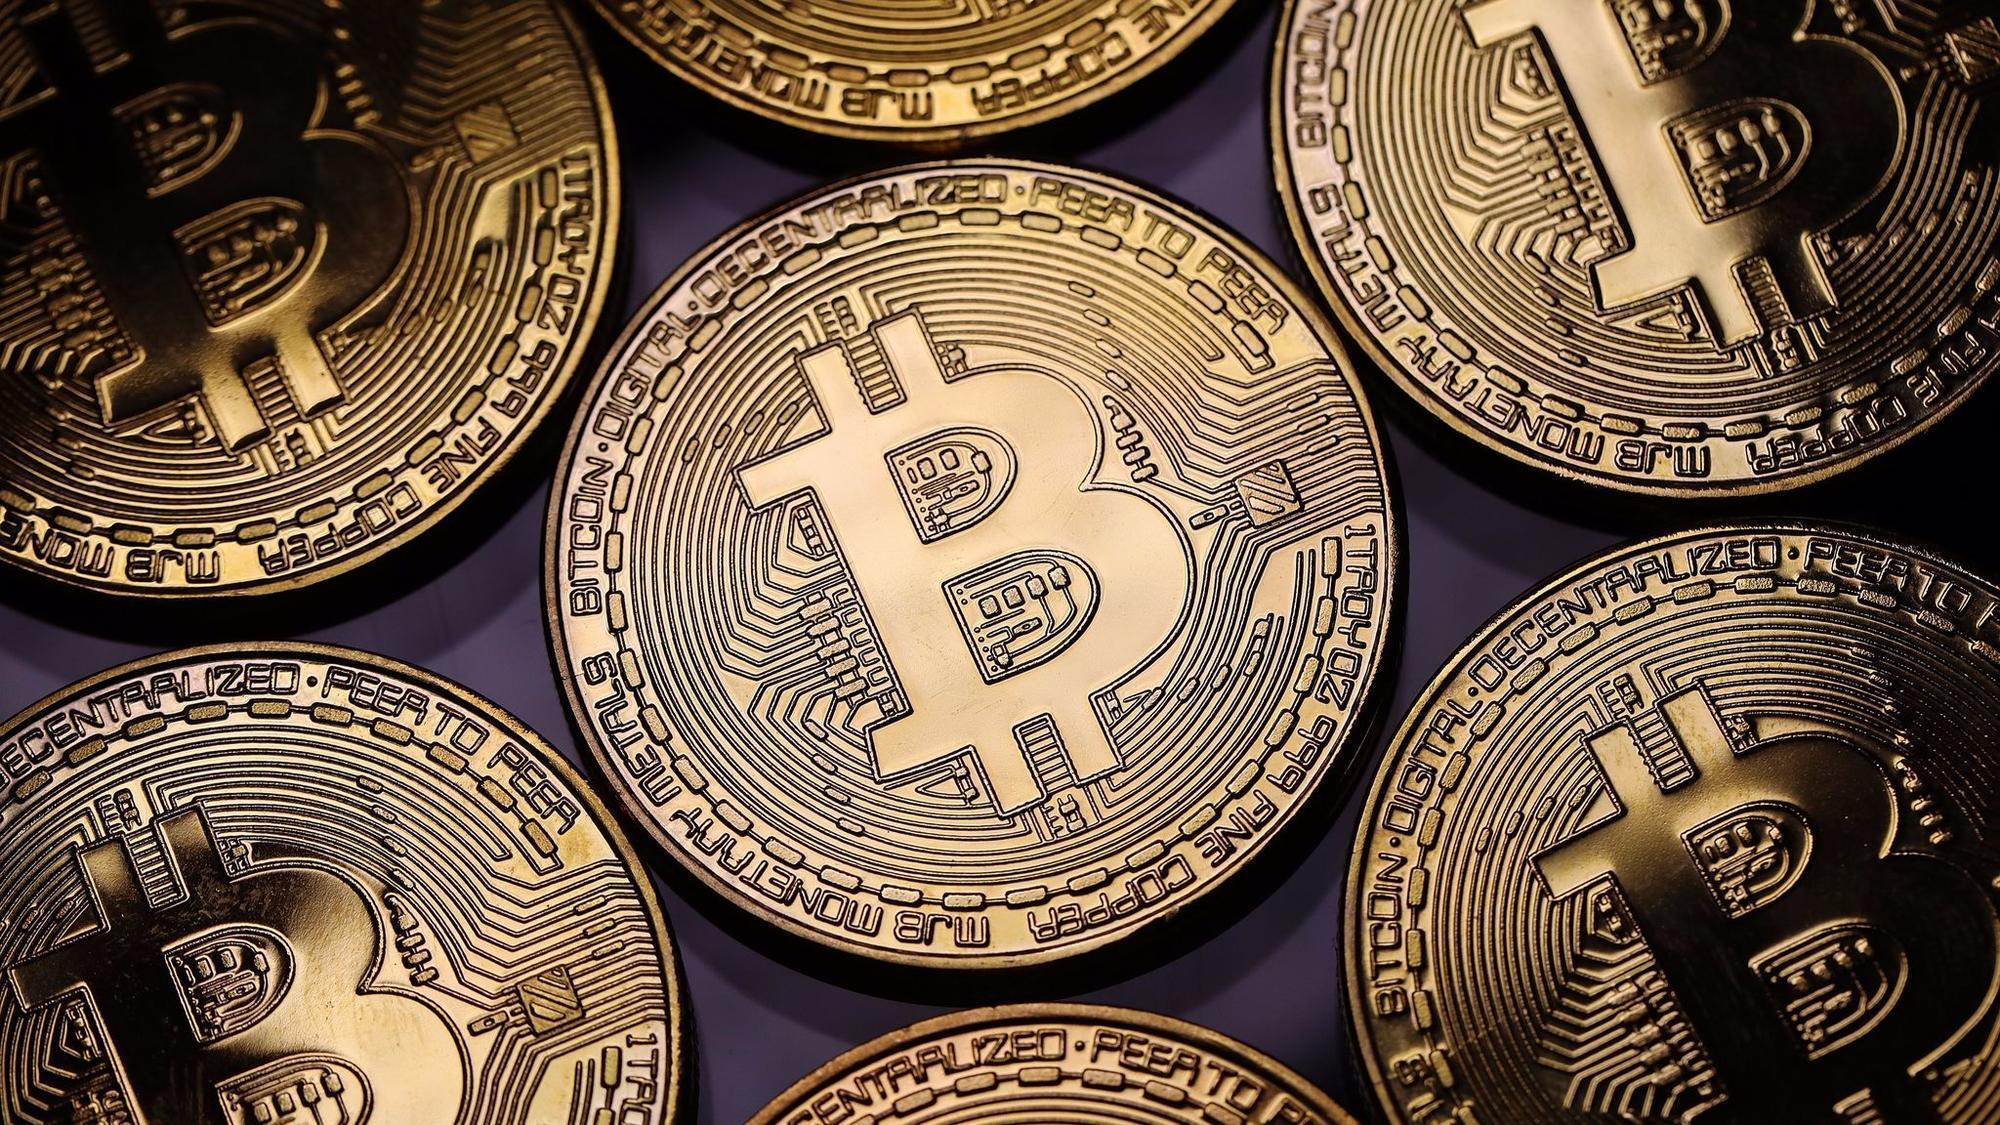 monero криптовалюта майнинг-18